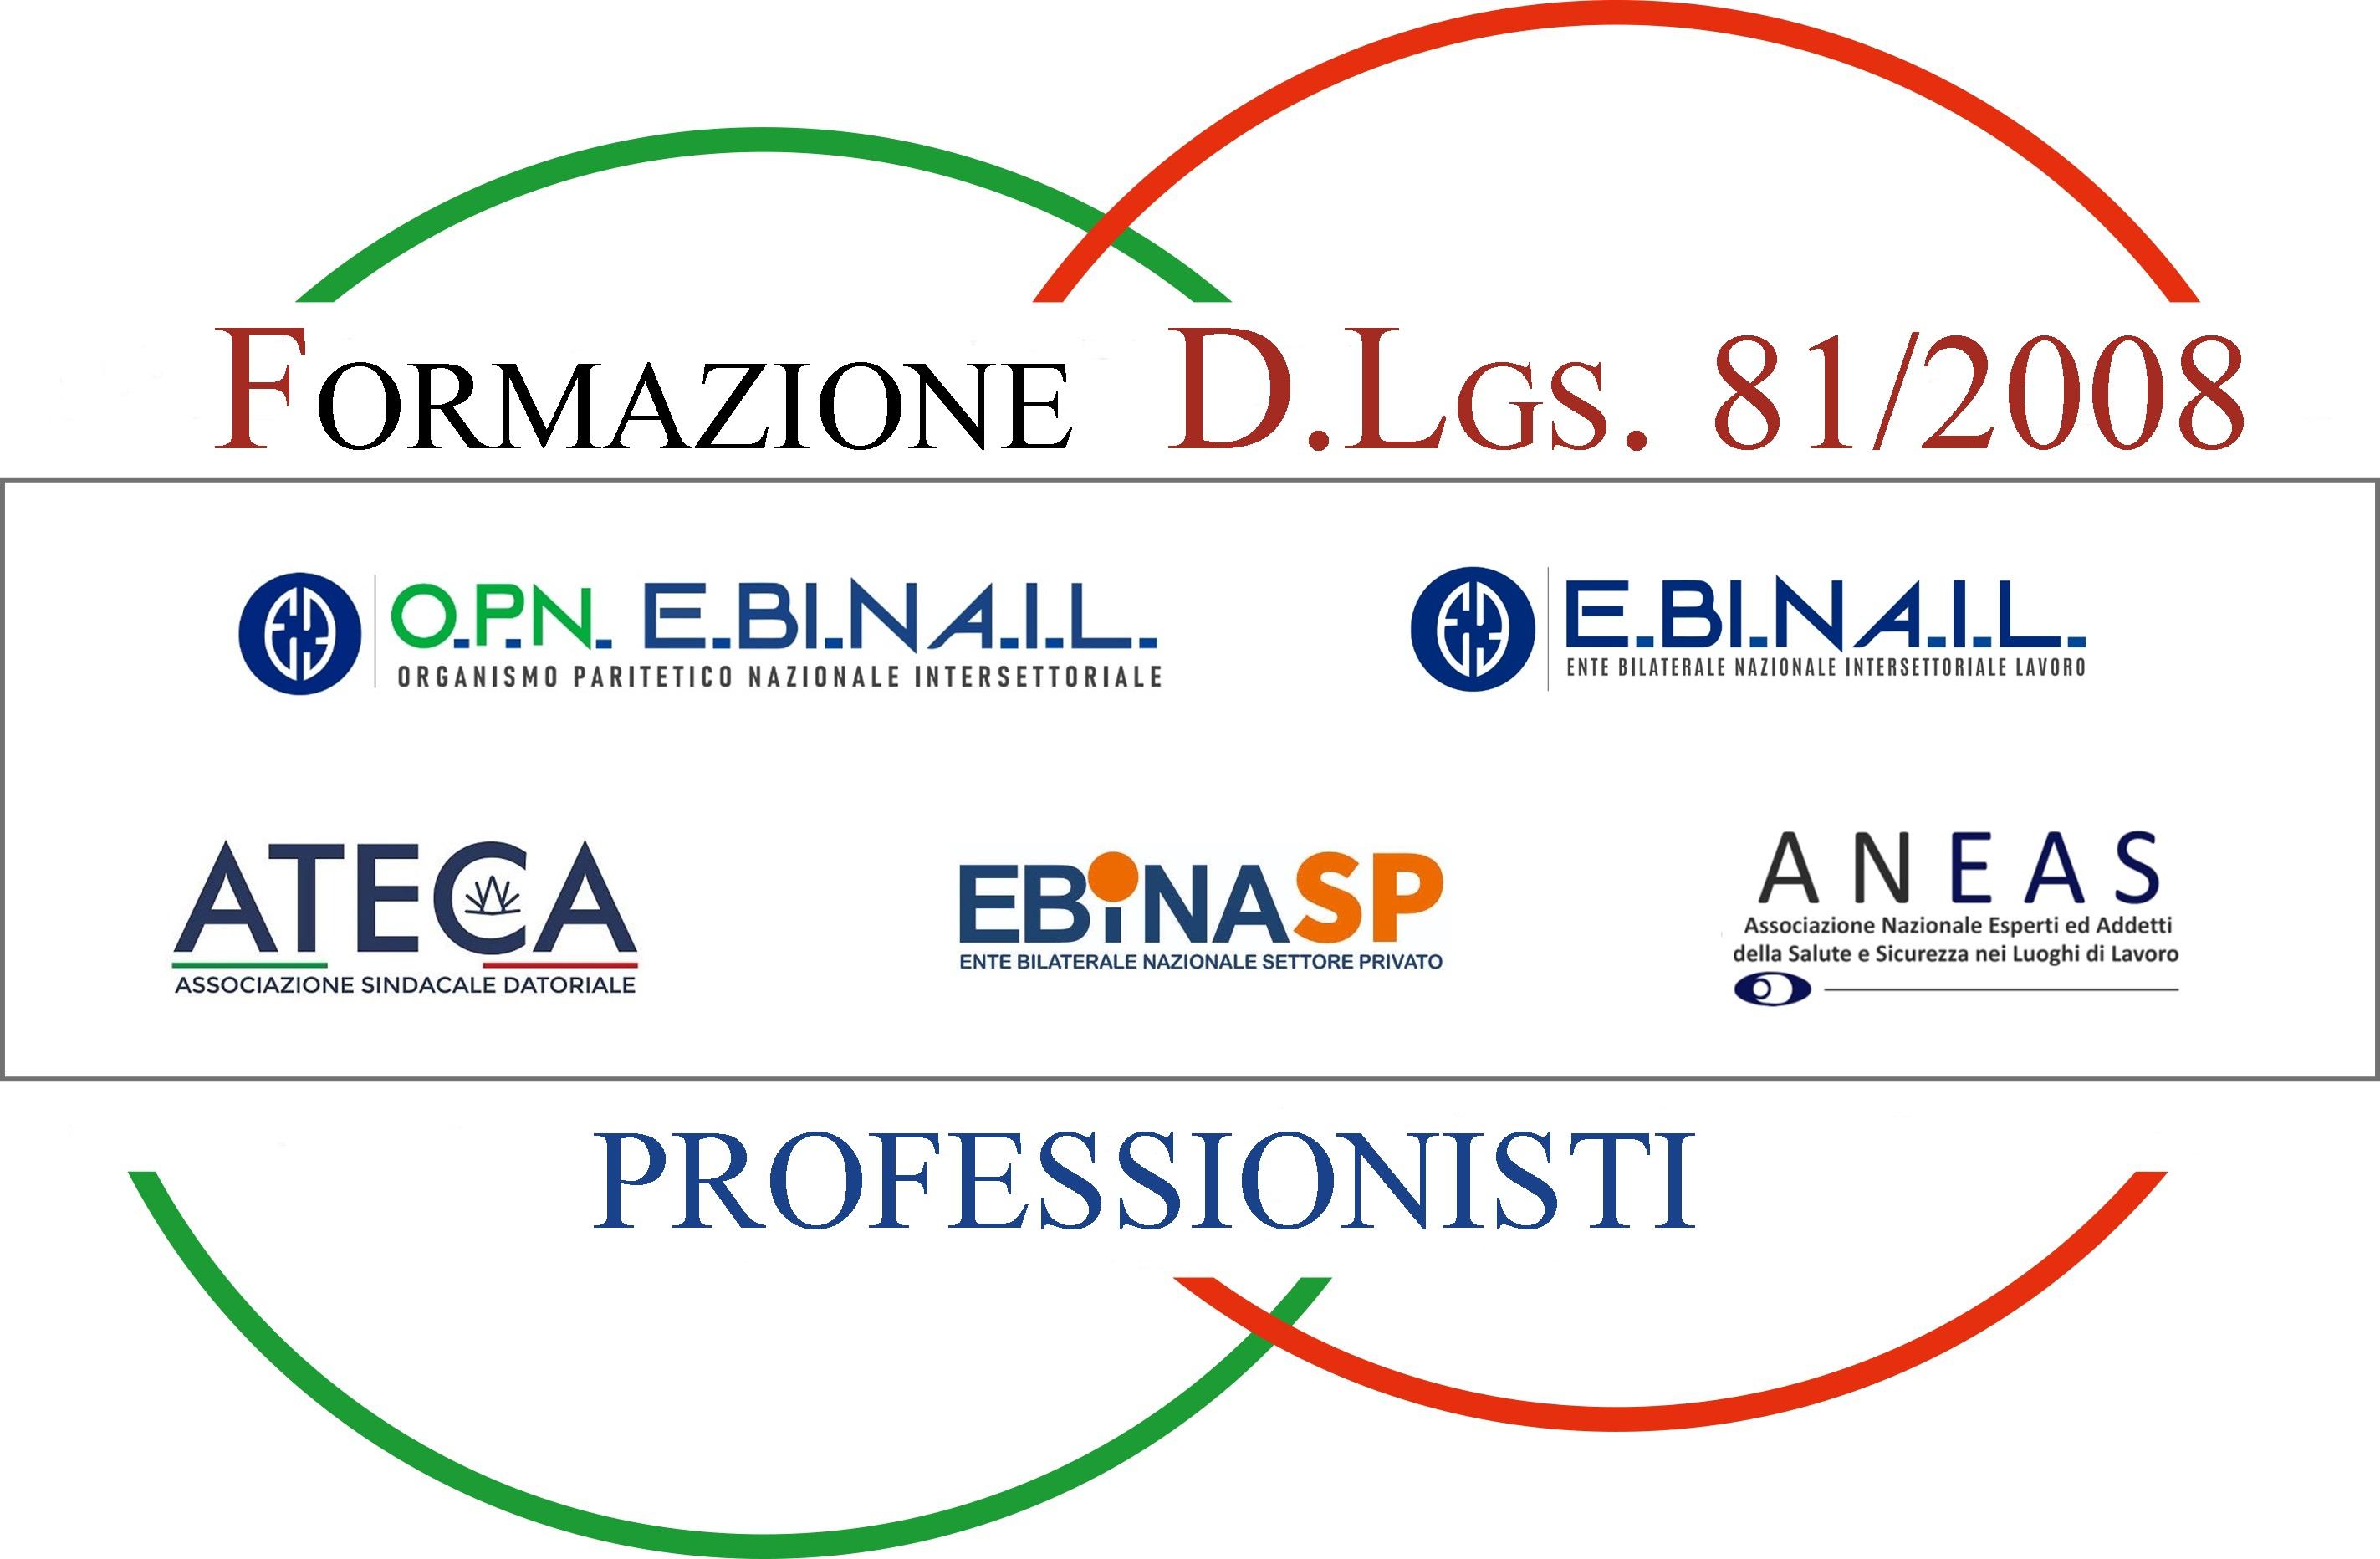 CORSO DI AGGIORNAMENTO PER RSPP/ASPP - SISTEMA DI GESTIONE AMBIENTALE ISO 14001:2015 (8 ORE)